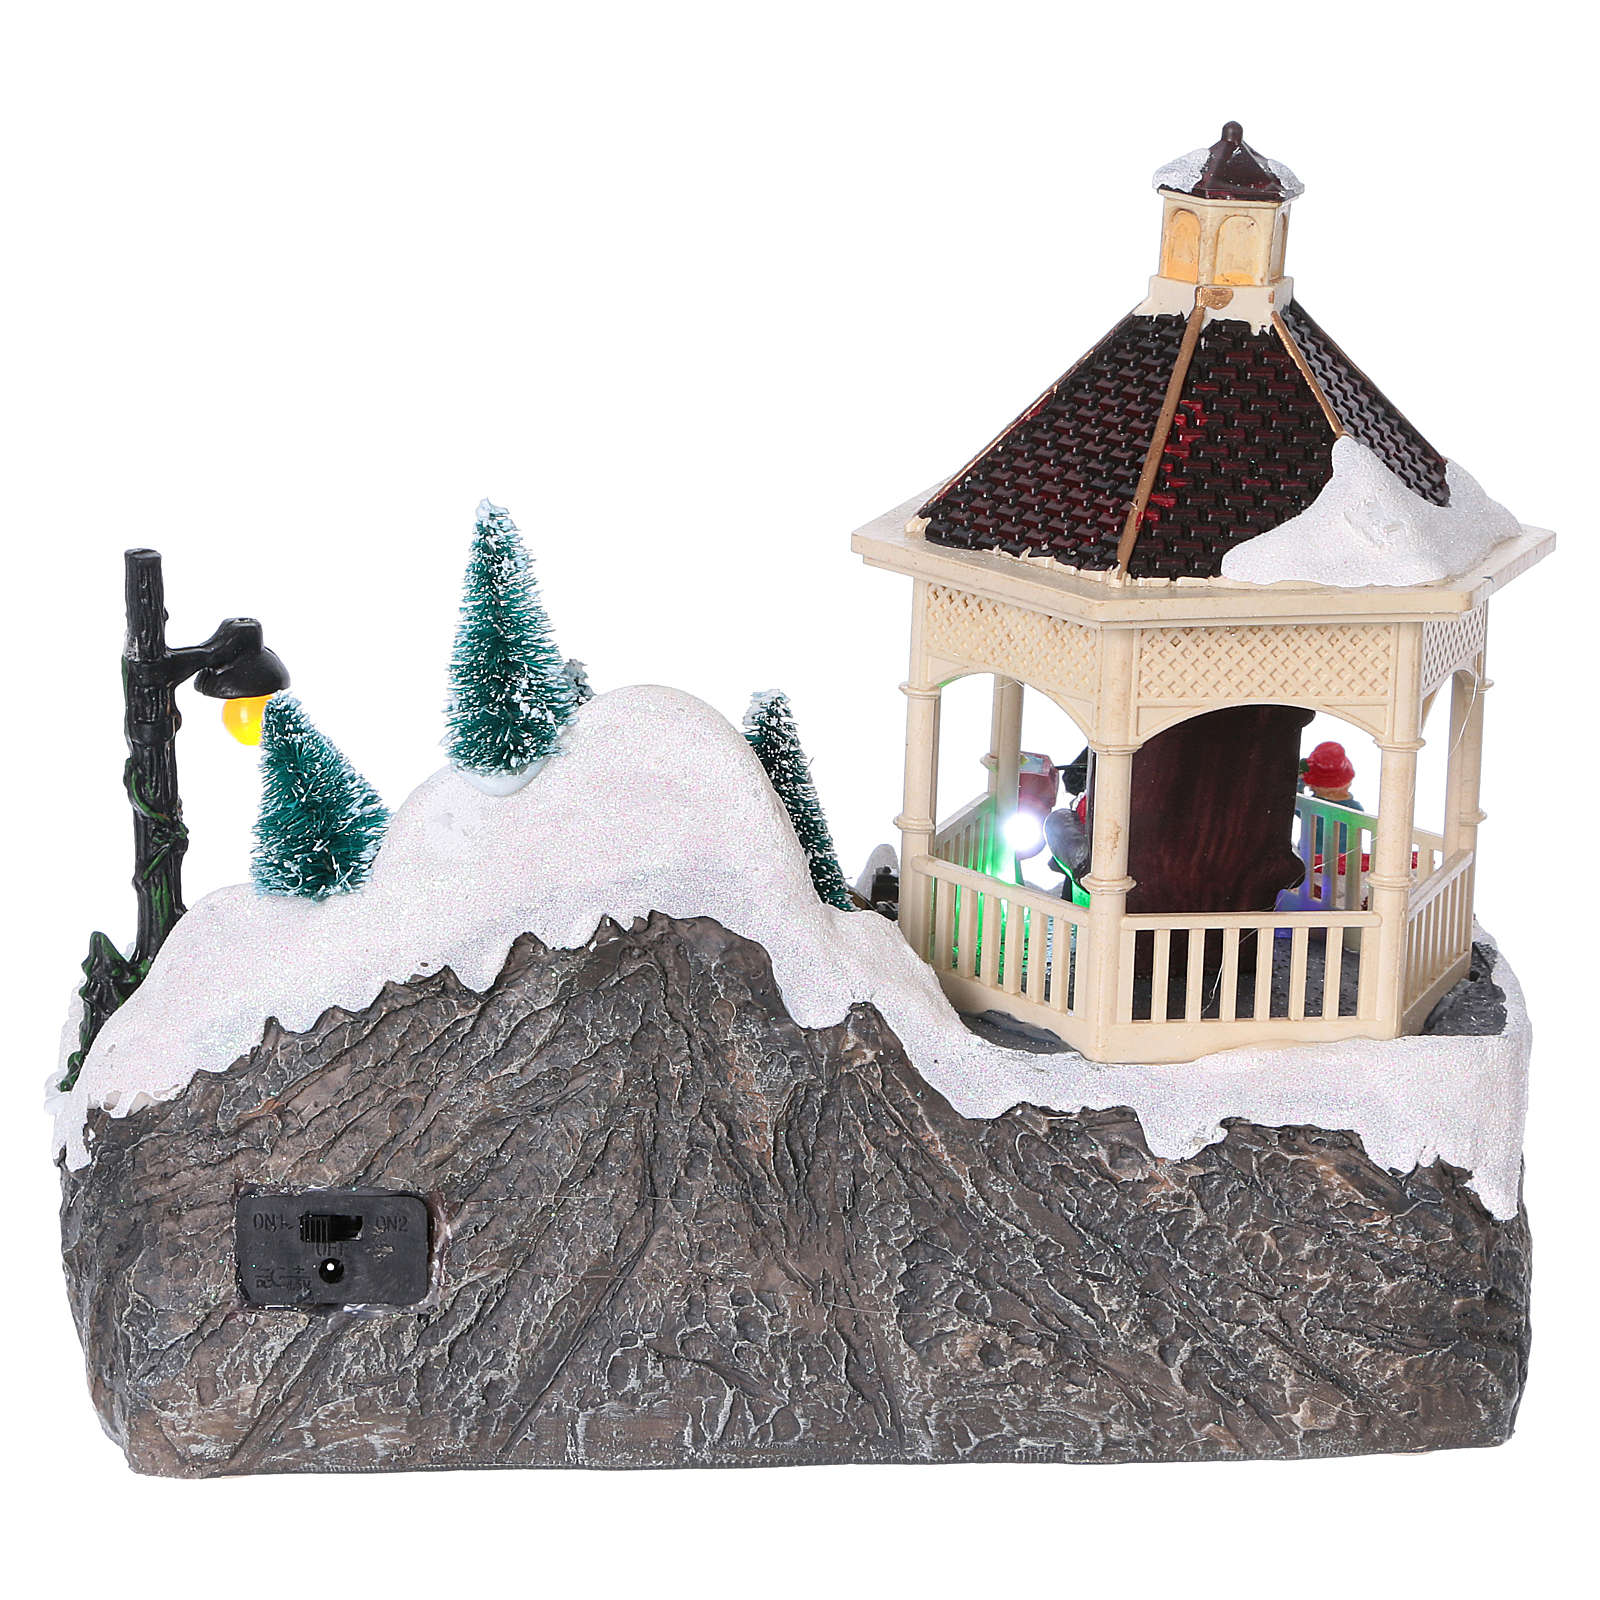 Villaggio Natalizio illuminato pattinatori movimento Babbo Natale 20x25x16 cm batteria corrente 3